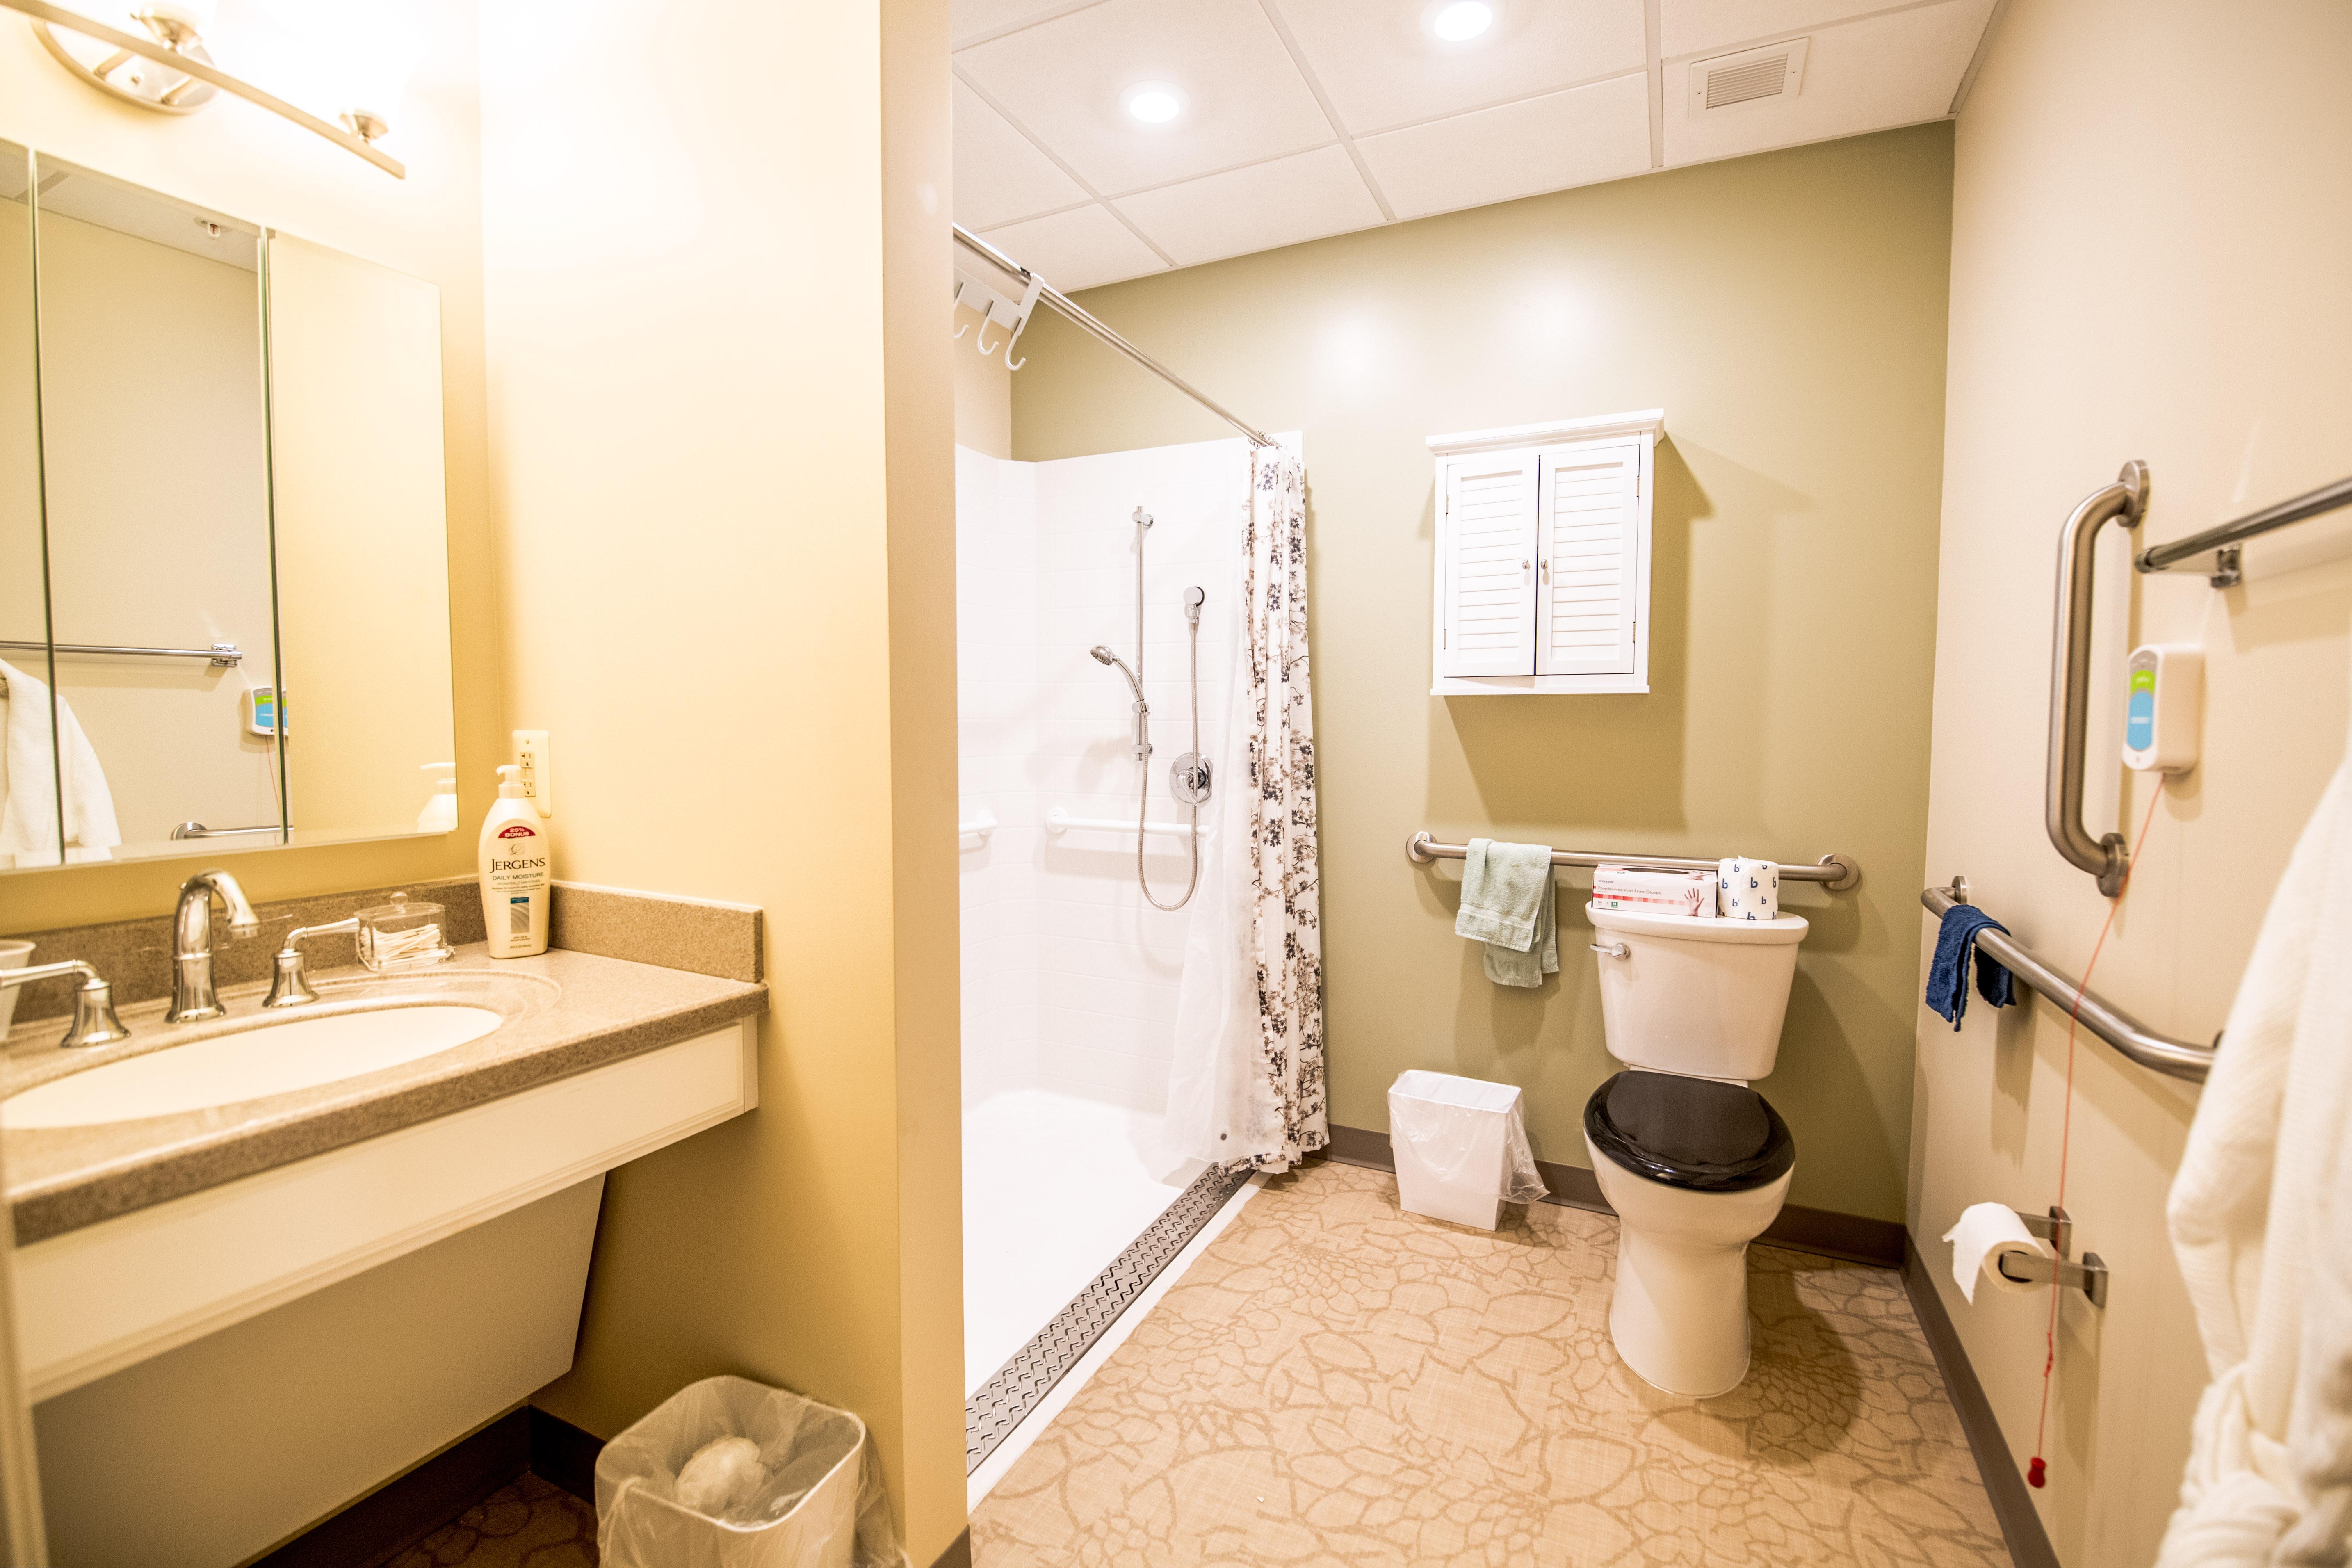 arbor-terrace-fairfax-bathroom-3